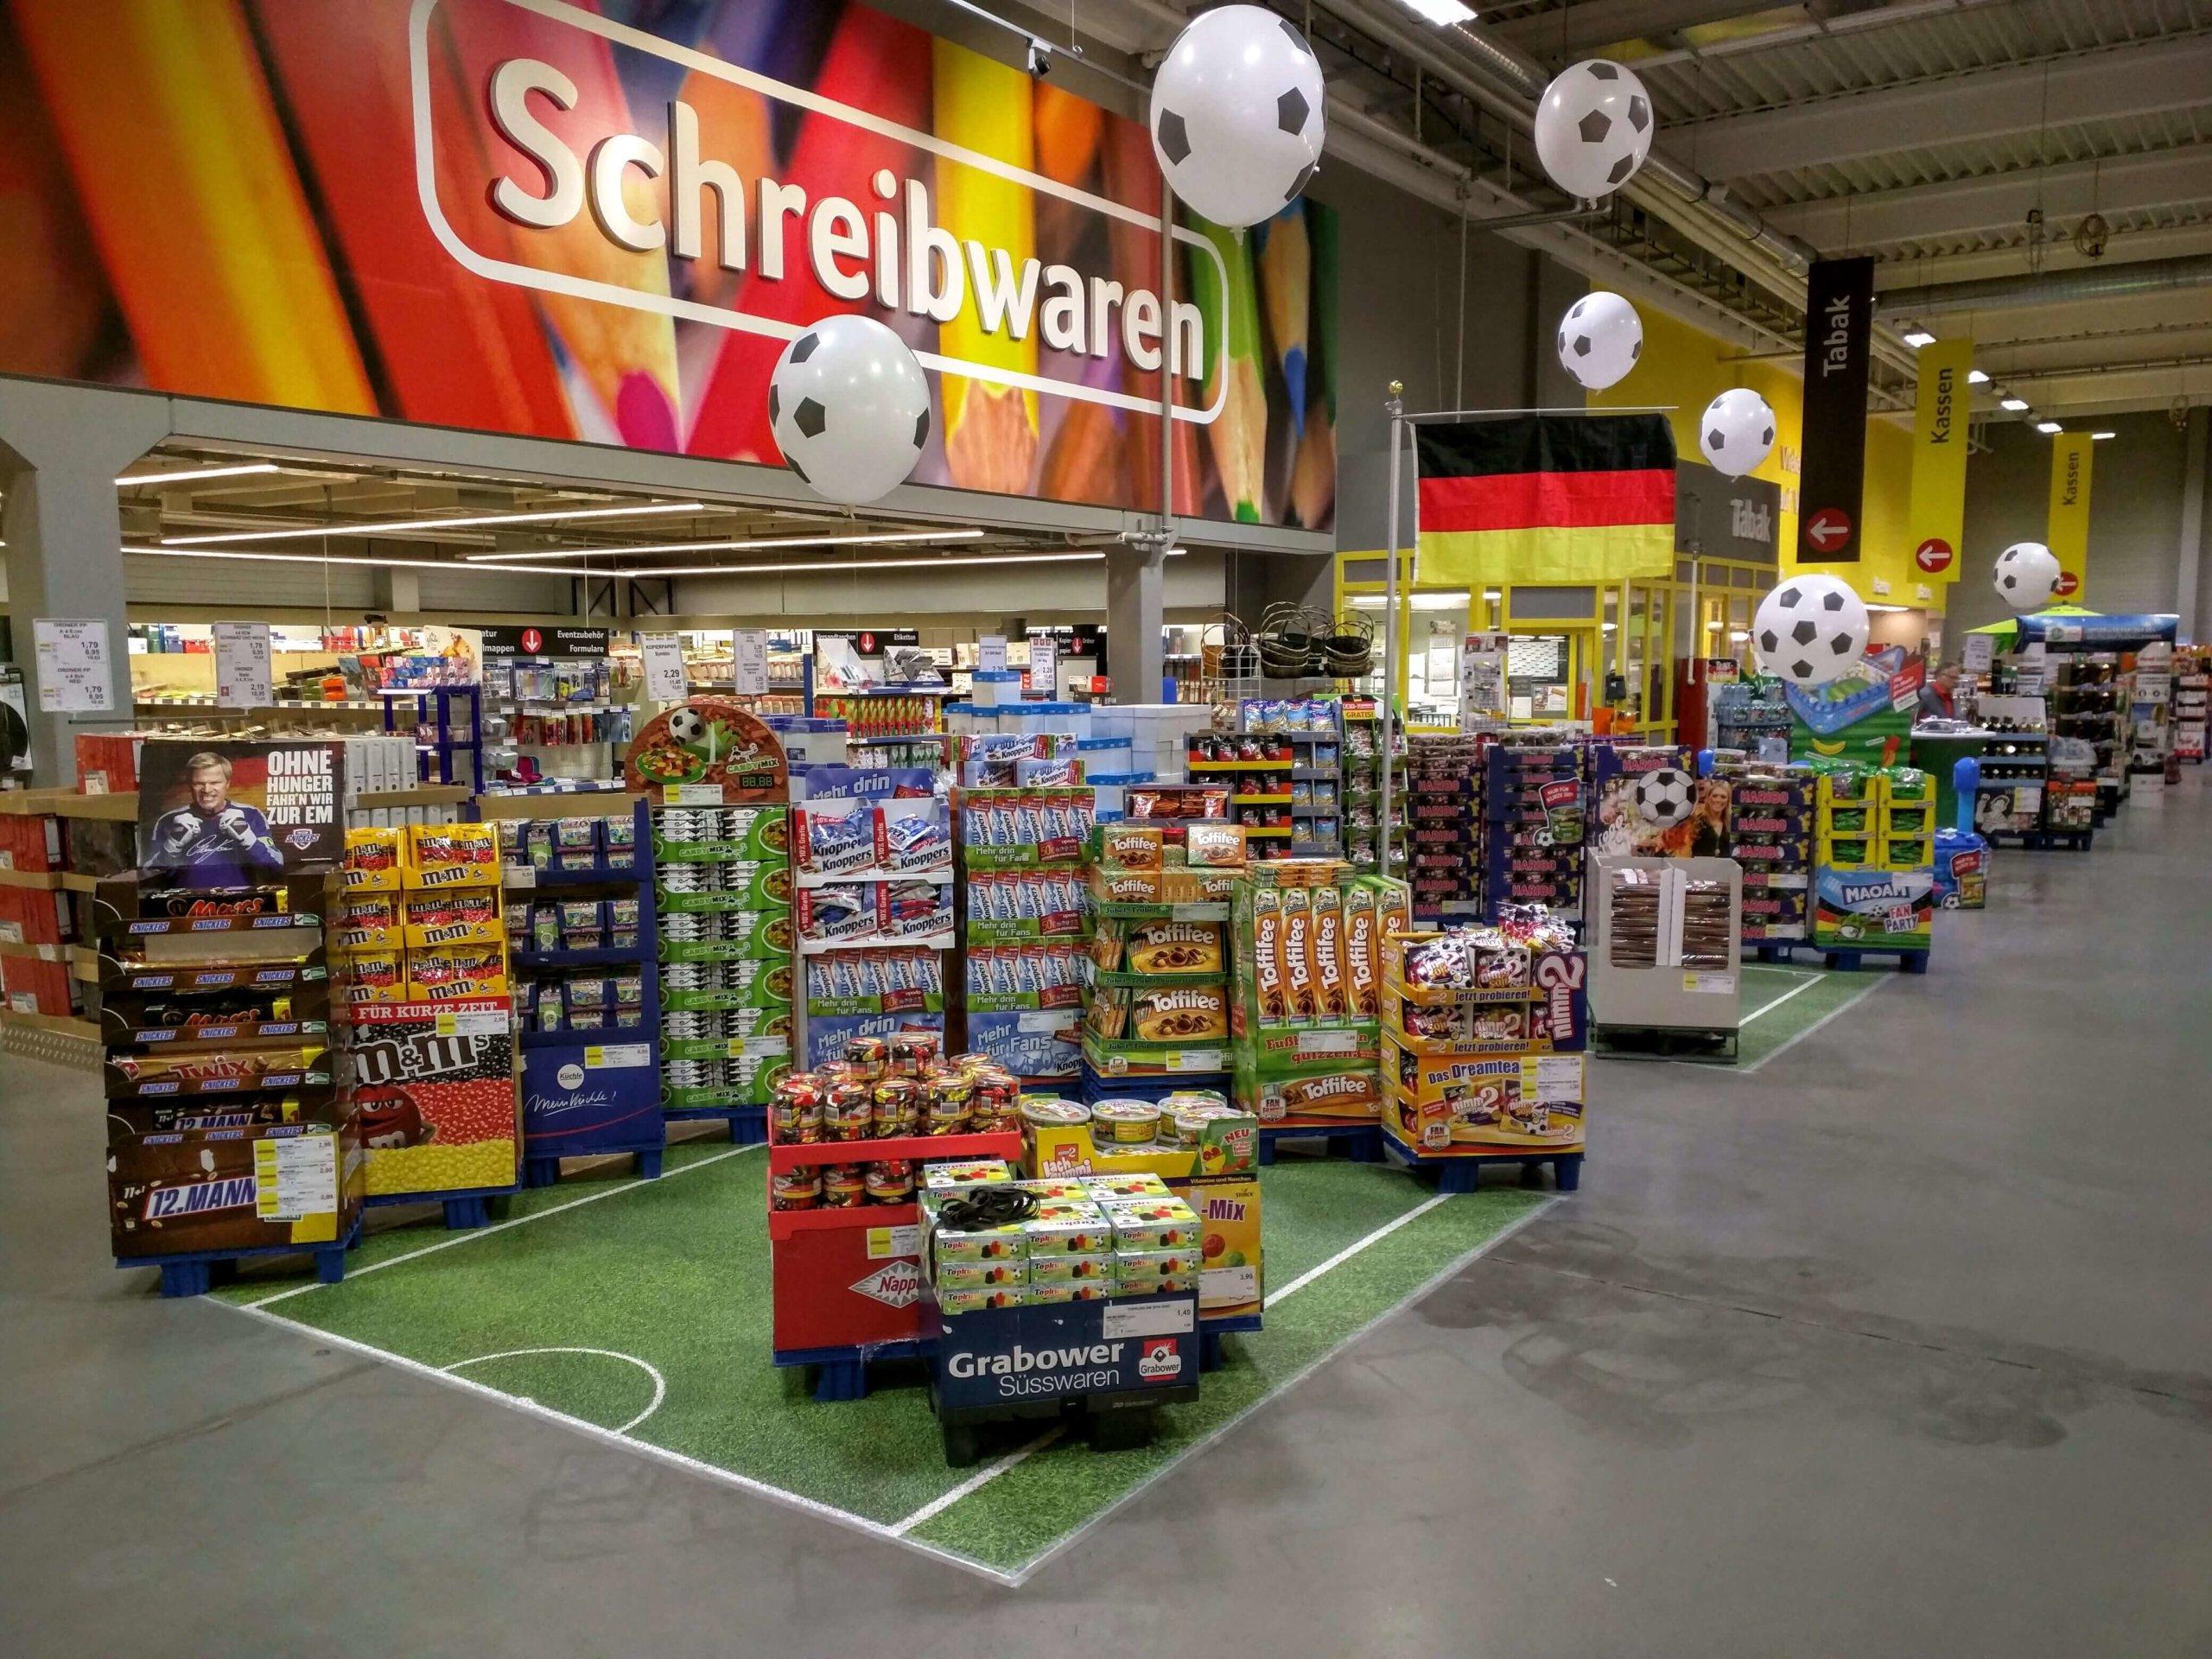 Handelskette Verkaufsfläche Bodengestaltung